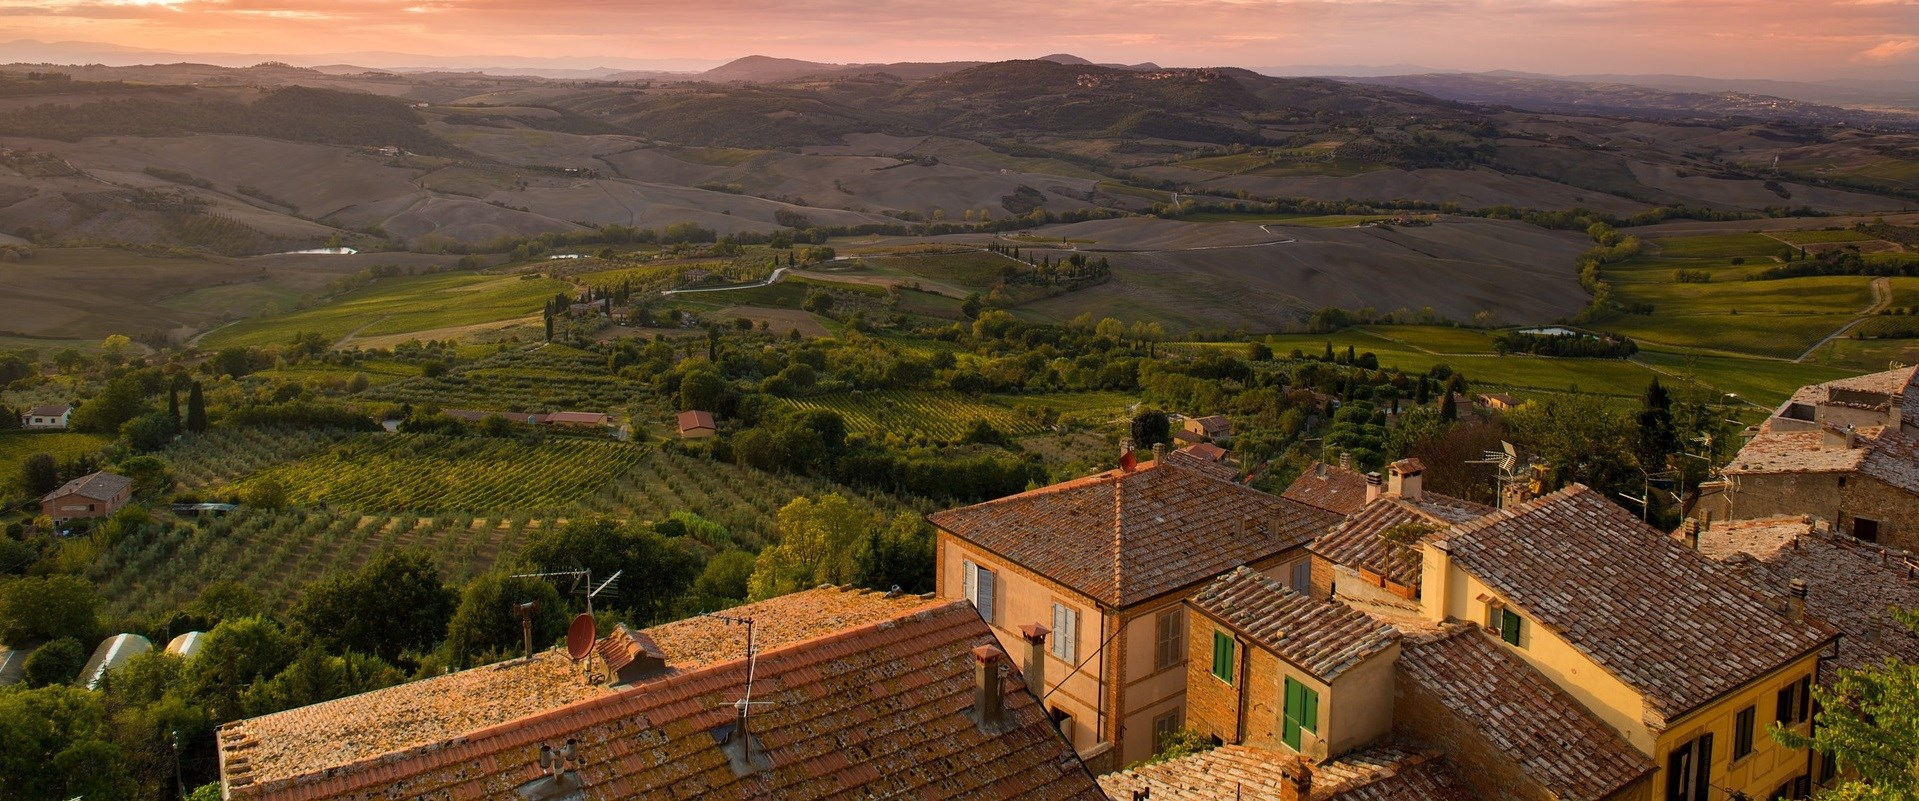 tuscany-new-2-